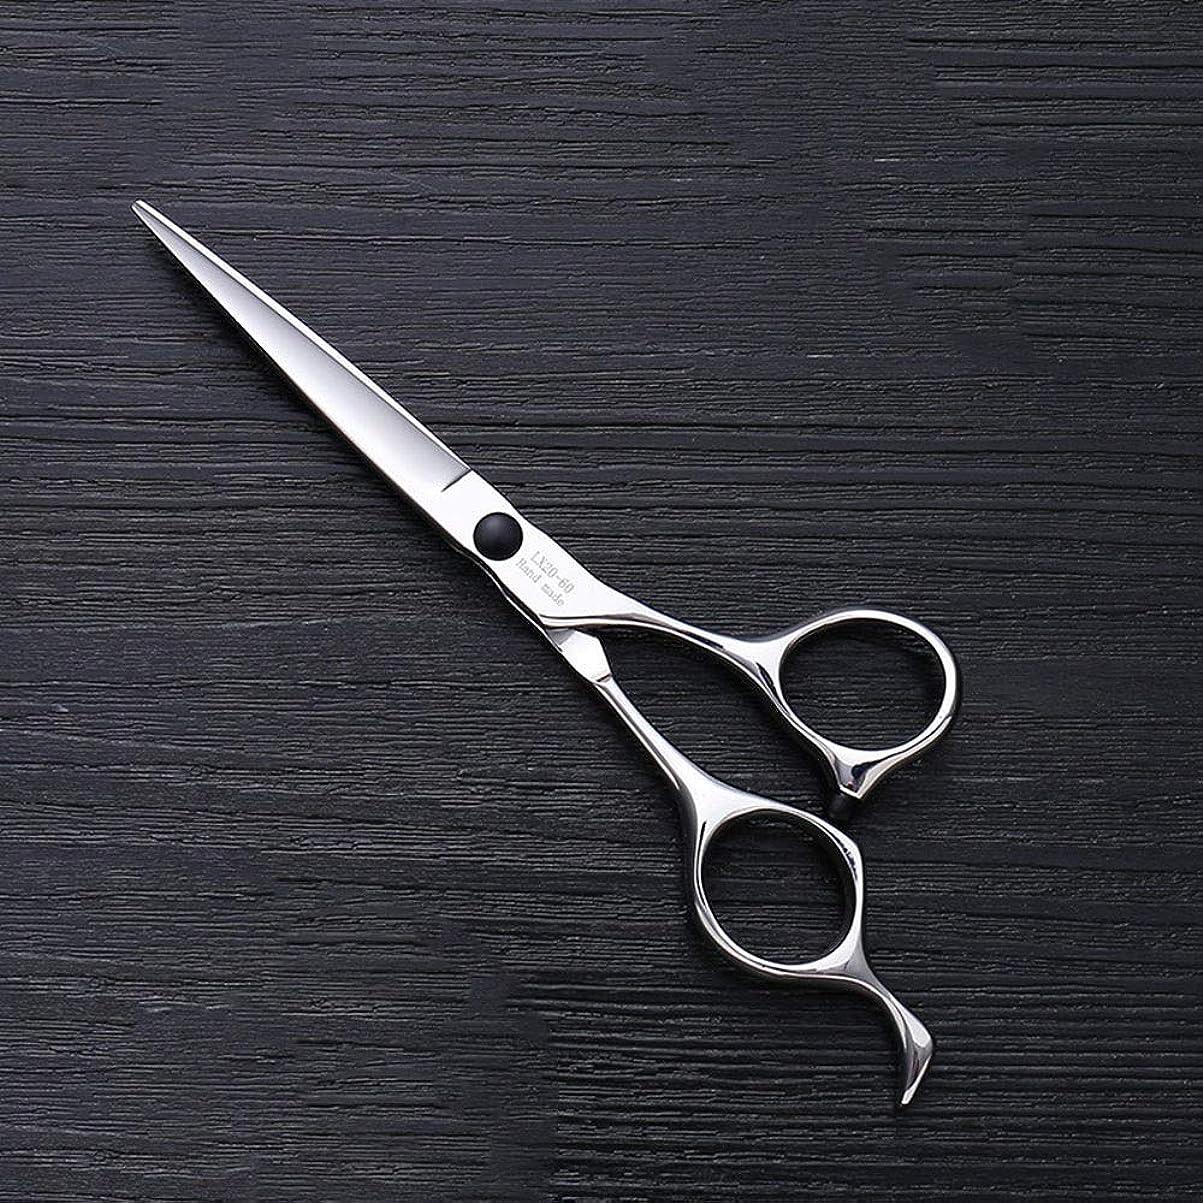 よりおしゃれな虚栄心理髪用はさみ 6インチハイエンドステンレススチールバリカン、ヘアスタイリスト特別なヘアカットツールヘアカット鋏ステンレス理髪はさみ (色 : Silver)